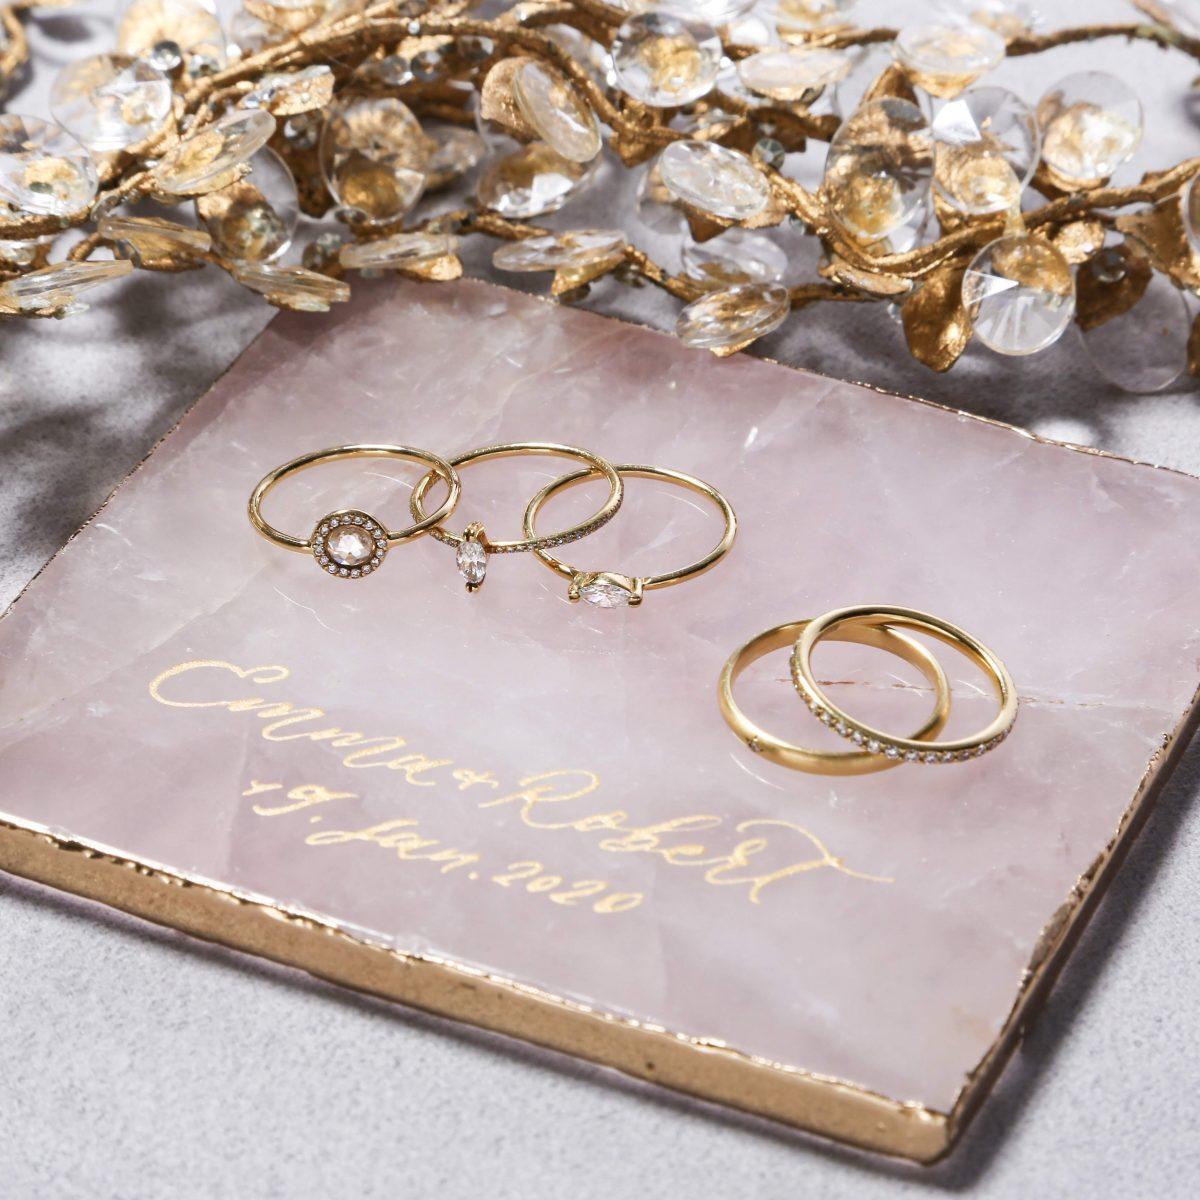 アッシュペー HPFRANCE HPFRANCEBIJOUX アッシュペー フランス ビジュー ブライダル 結婚 婚約 マリッジ エンゲージ 指輪 リング スイートピー SWEETPEA スウィートピー ダイヤモンド クリスマス 令和婚 令和2年2月2日 令和2年2月22日